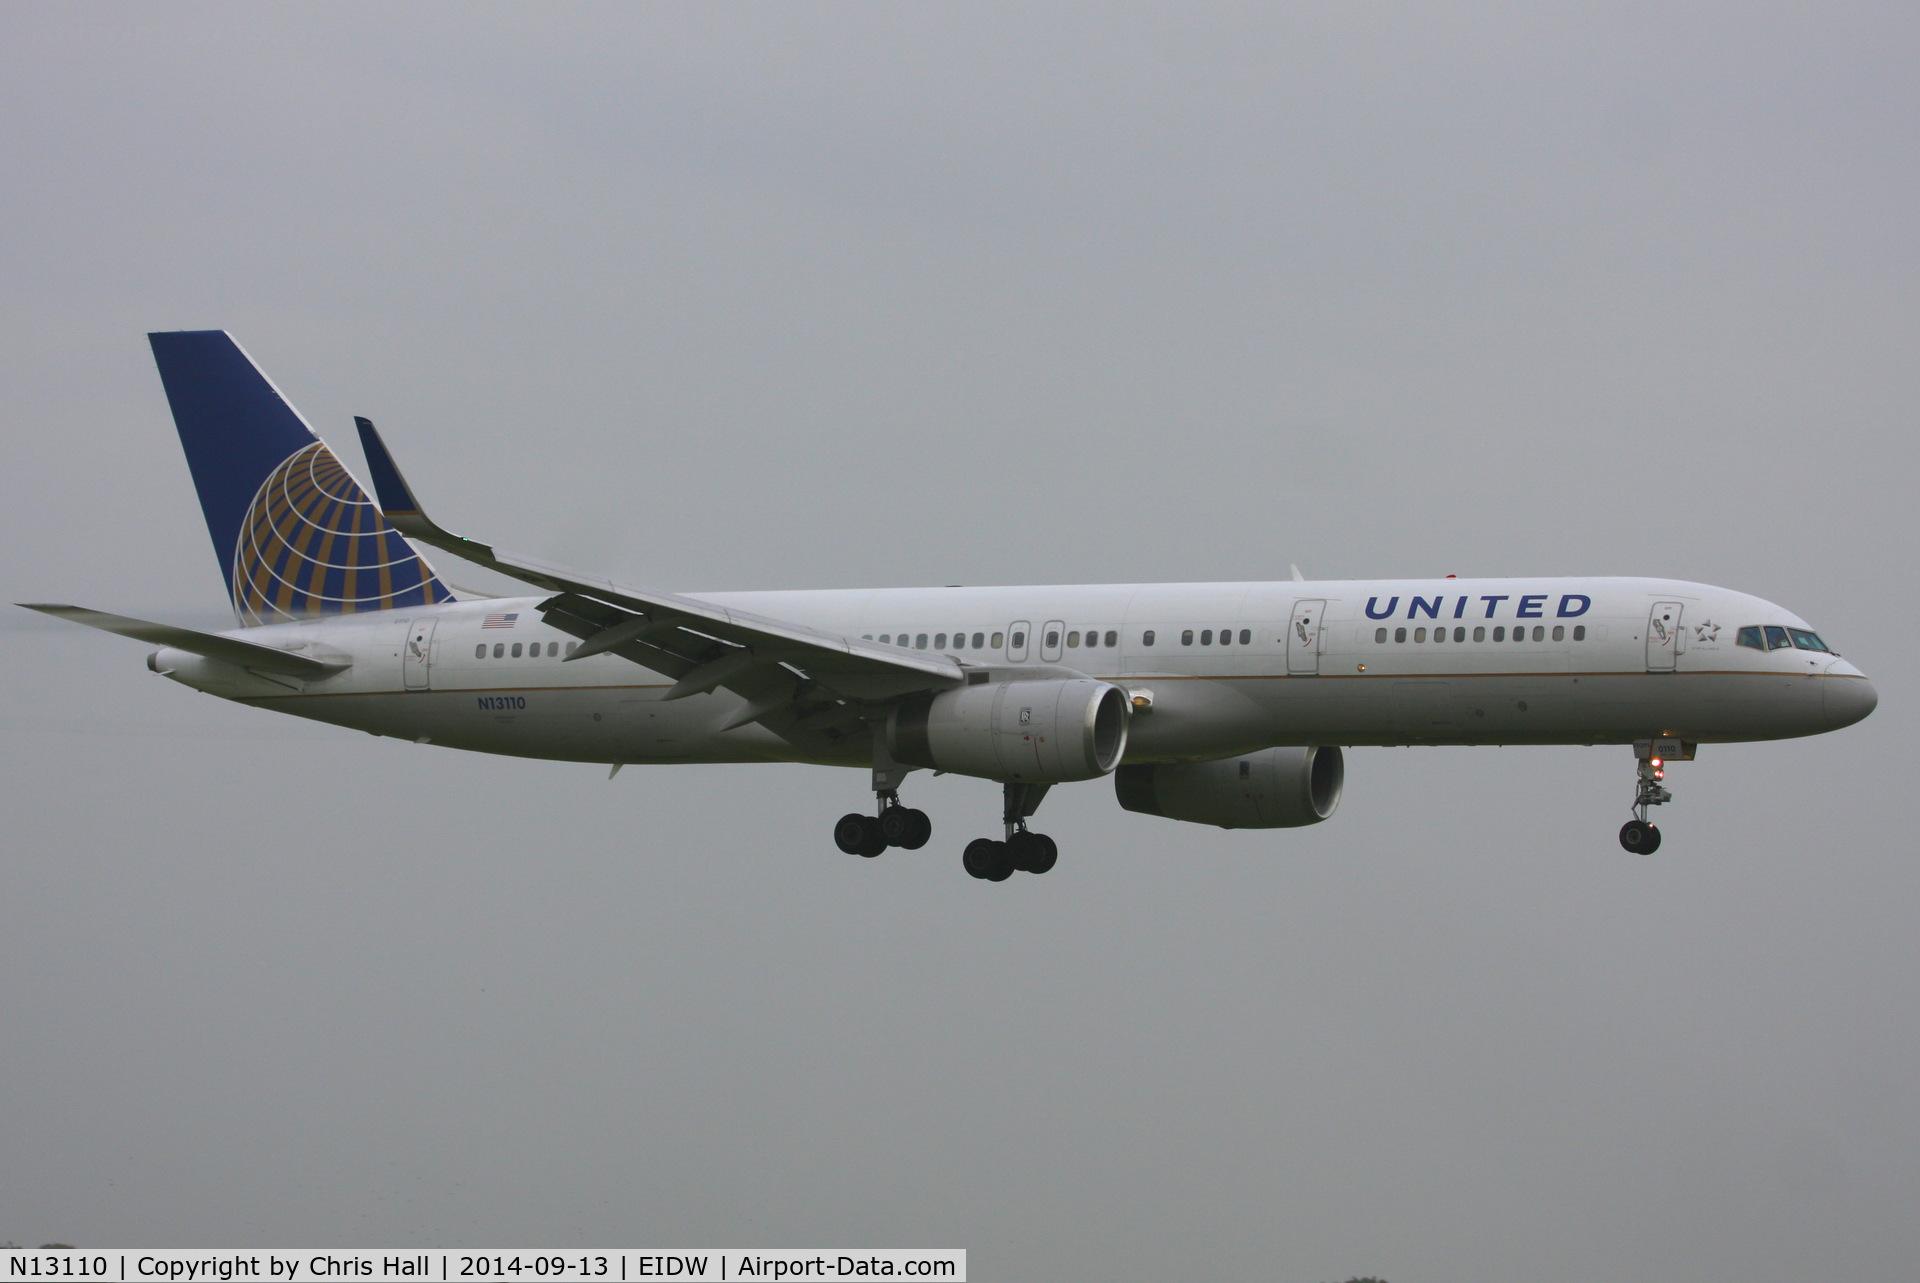 N13110, 1994 Boeing 757-224 C/N 27300, United